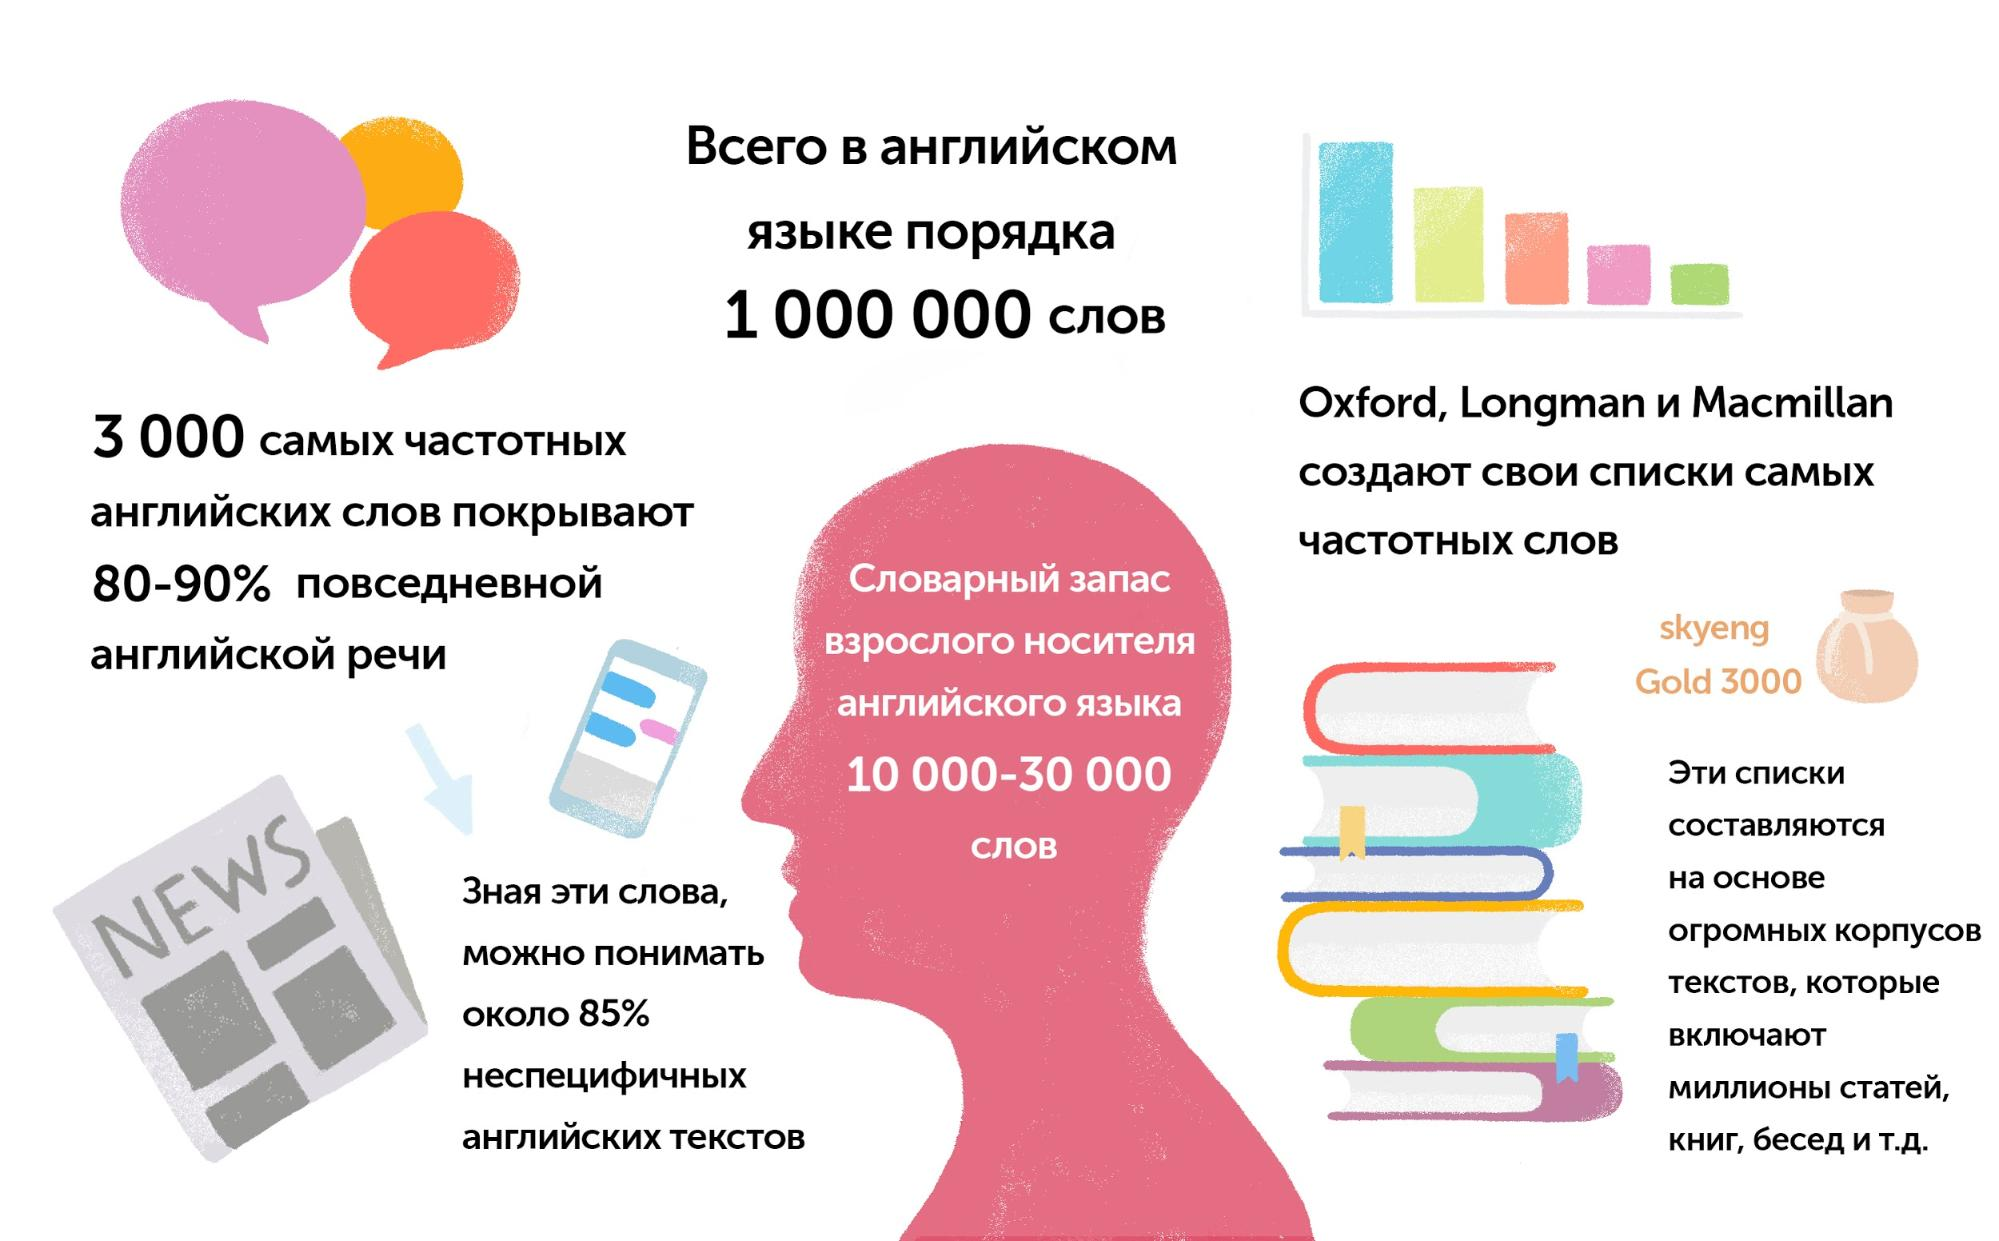 Сколько английских слов надо выучить для свободного общения и чтения статей? (спойлер: 3000) - 2